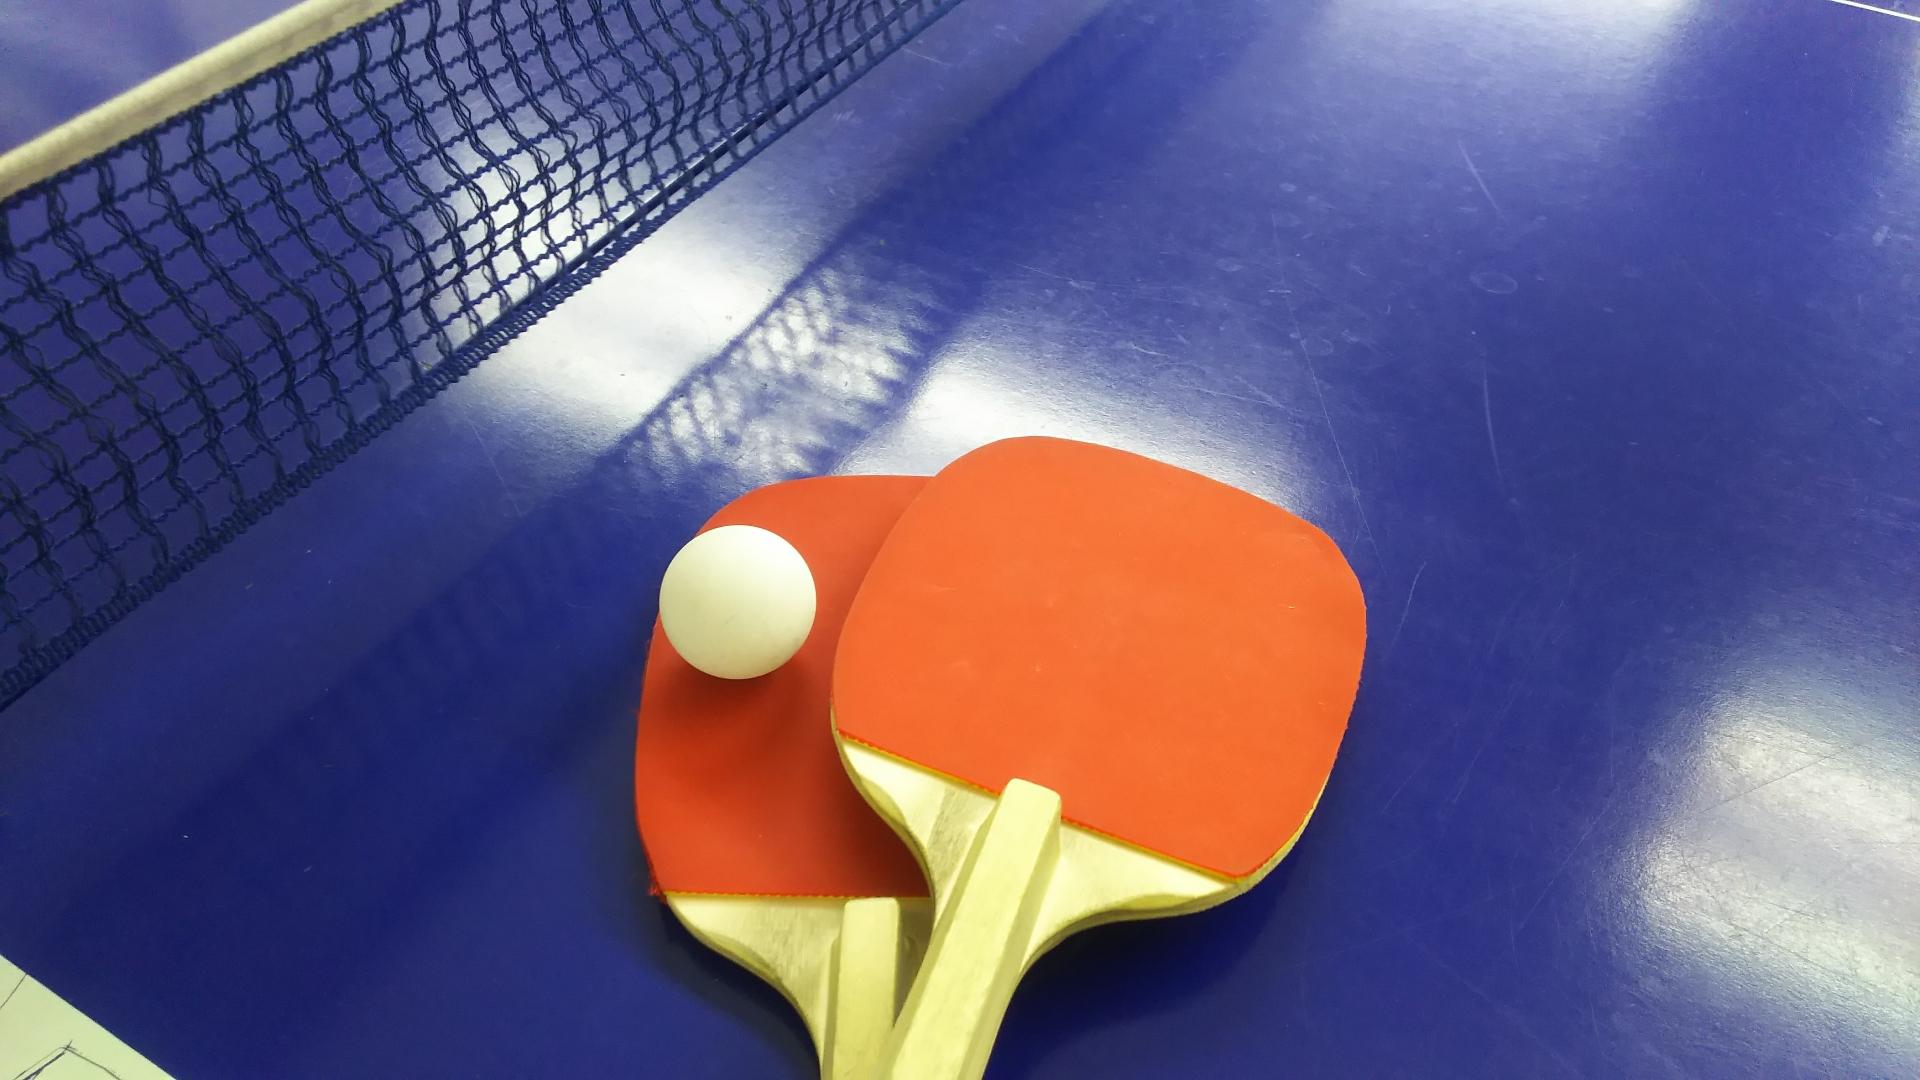 卓球が上達する練習メニュー!強豪校になる!勝つためには